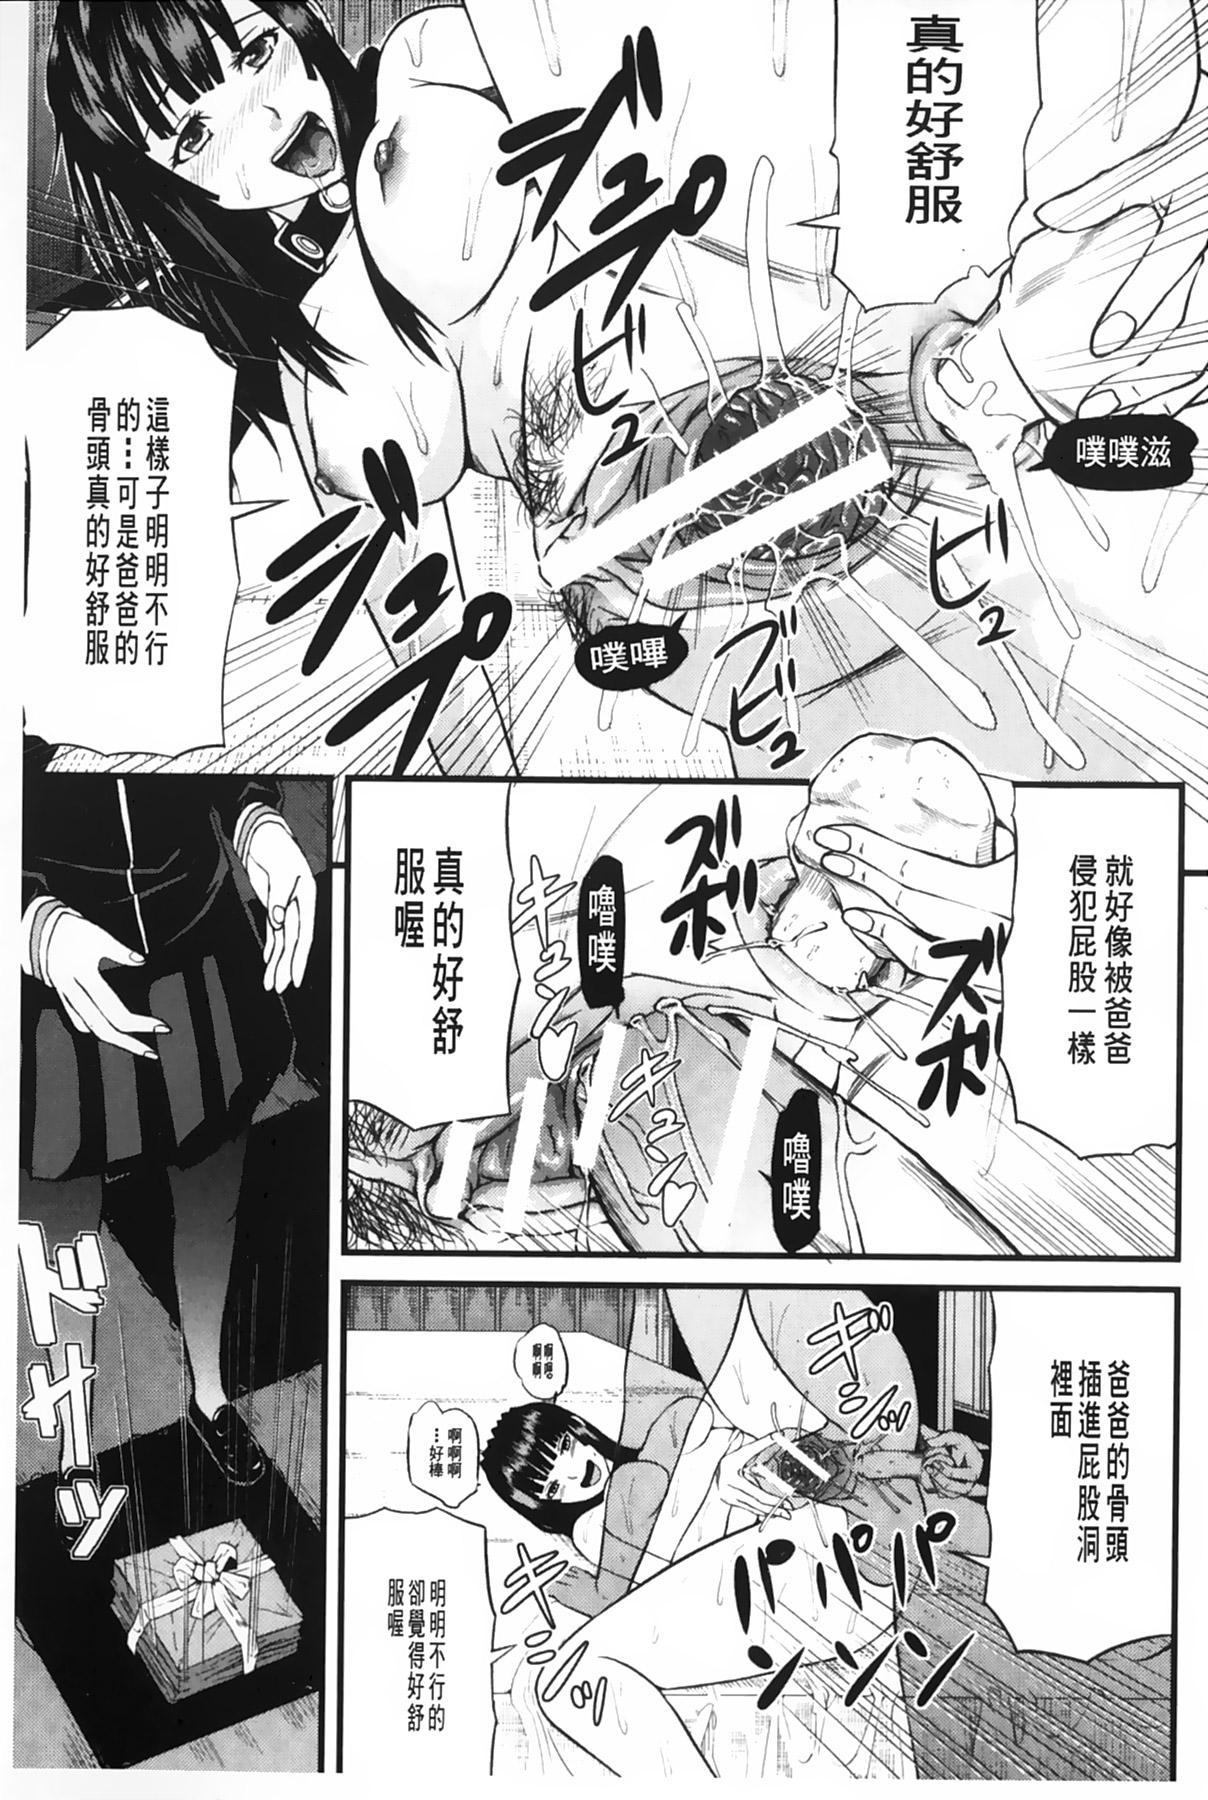 [Honebuto Danshaku] Onna Jigoku Niku no Tsubo~Hentai Rui Inran Ka Mesu Buta Ichidaiki~ | 女地獄、肉之壺 ~変態類淫乱科淫母豬一代記~ [Chinese] 217